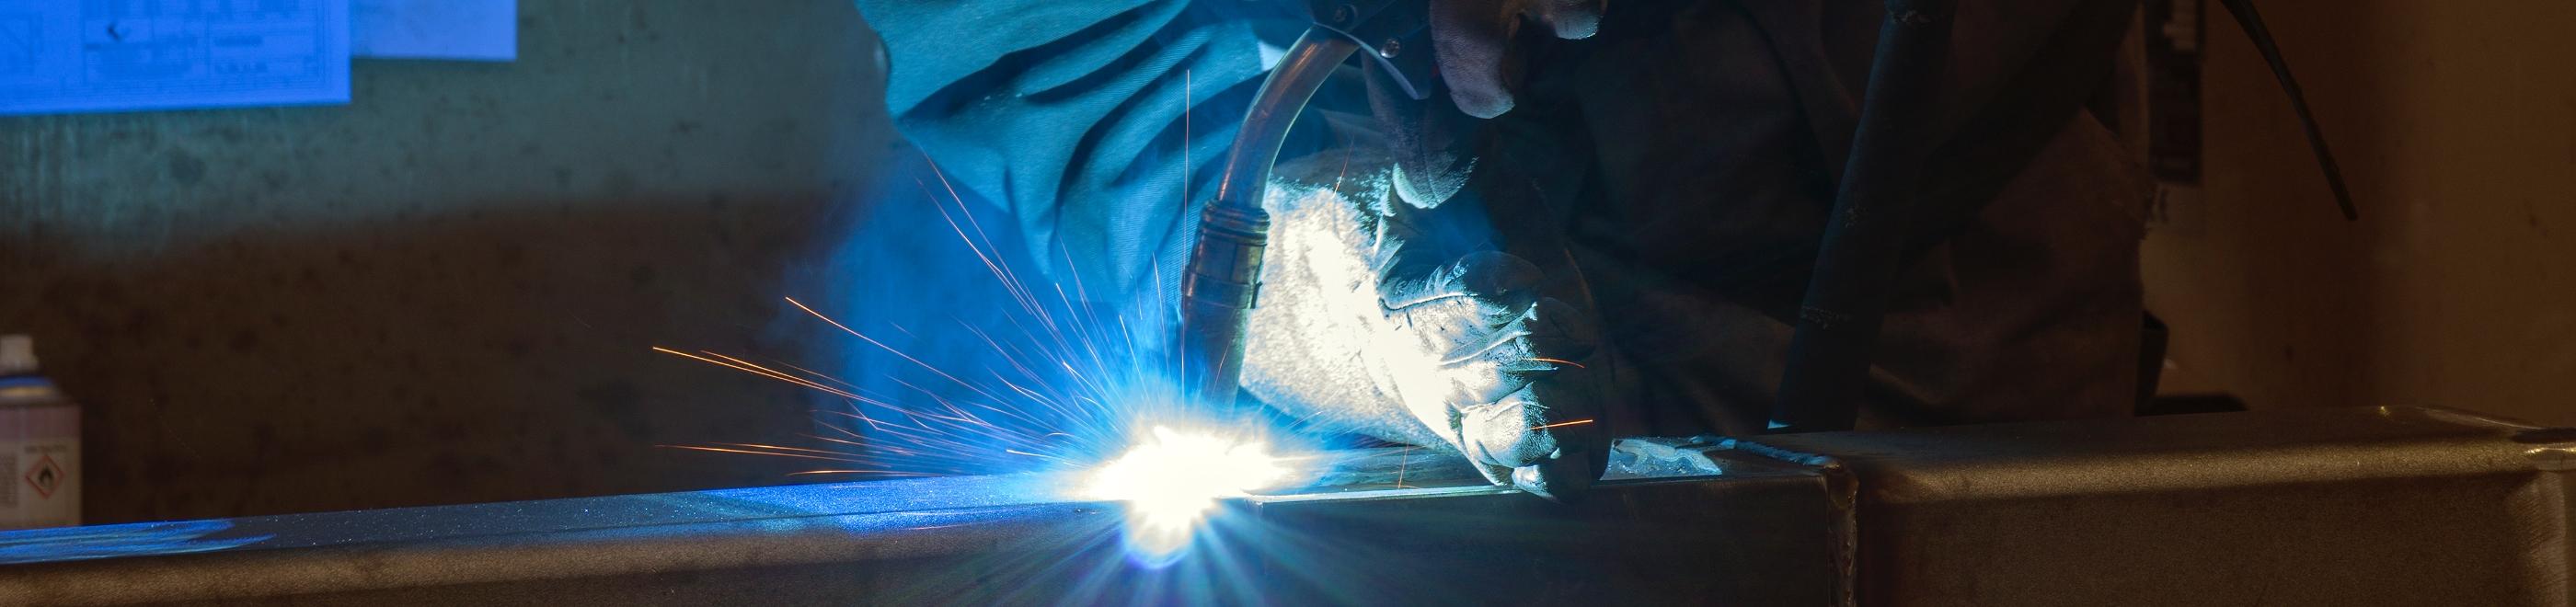 Schweisser beim Schweissen eines Metalltraegers mit Lichtbogen.